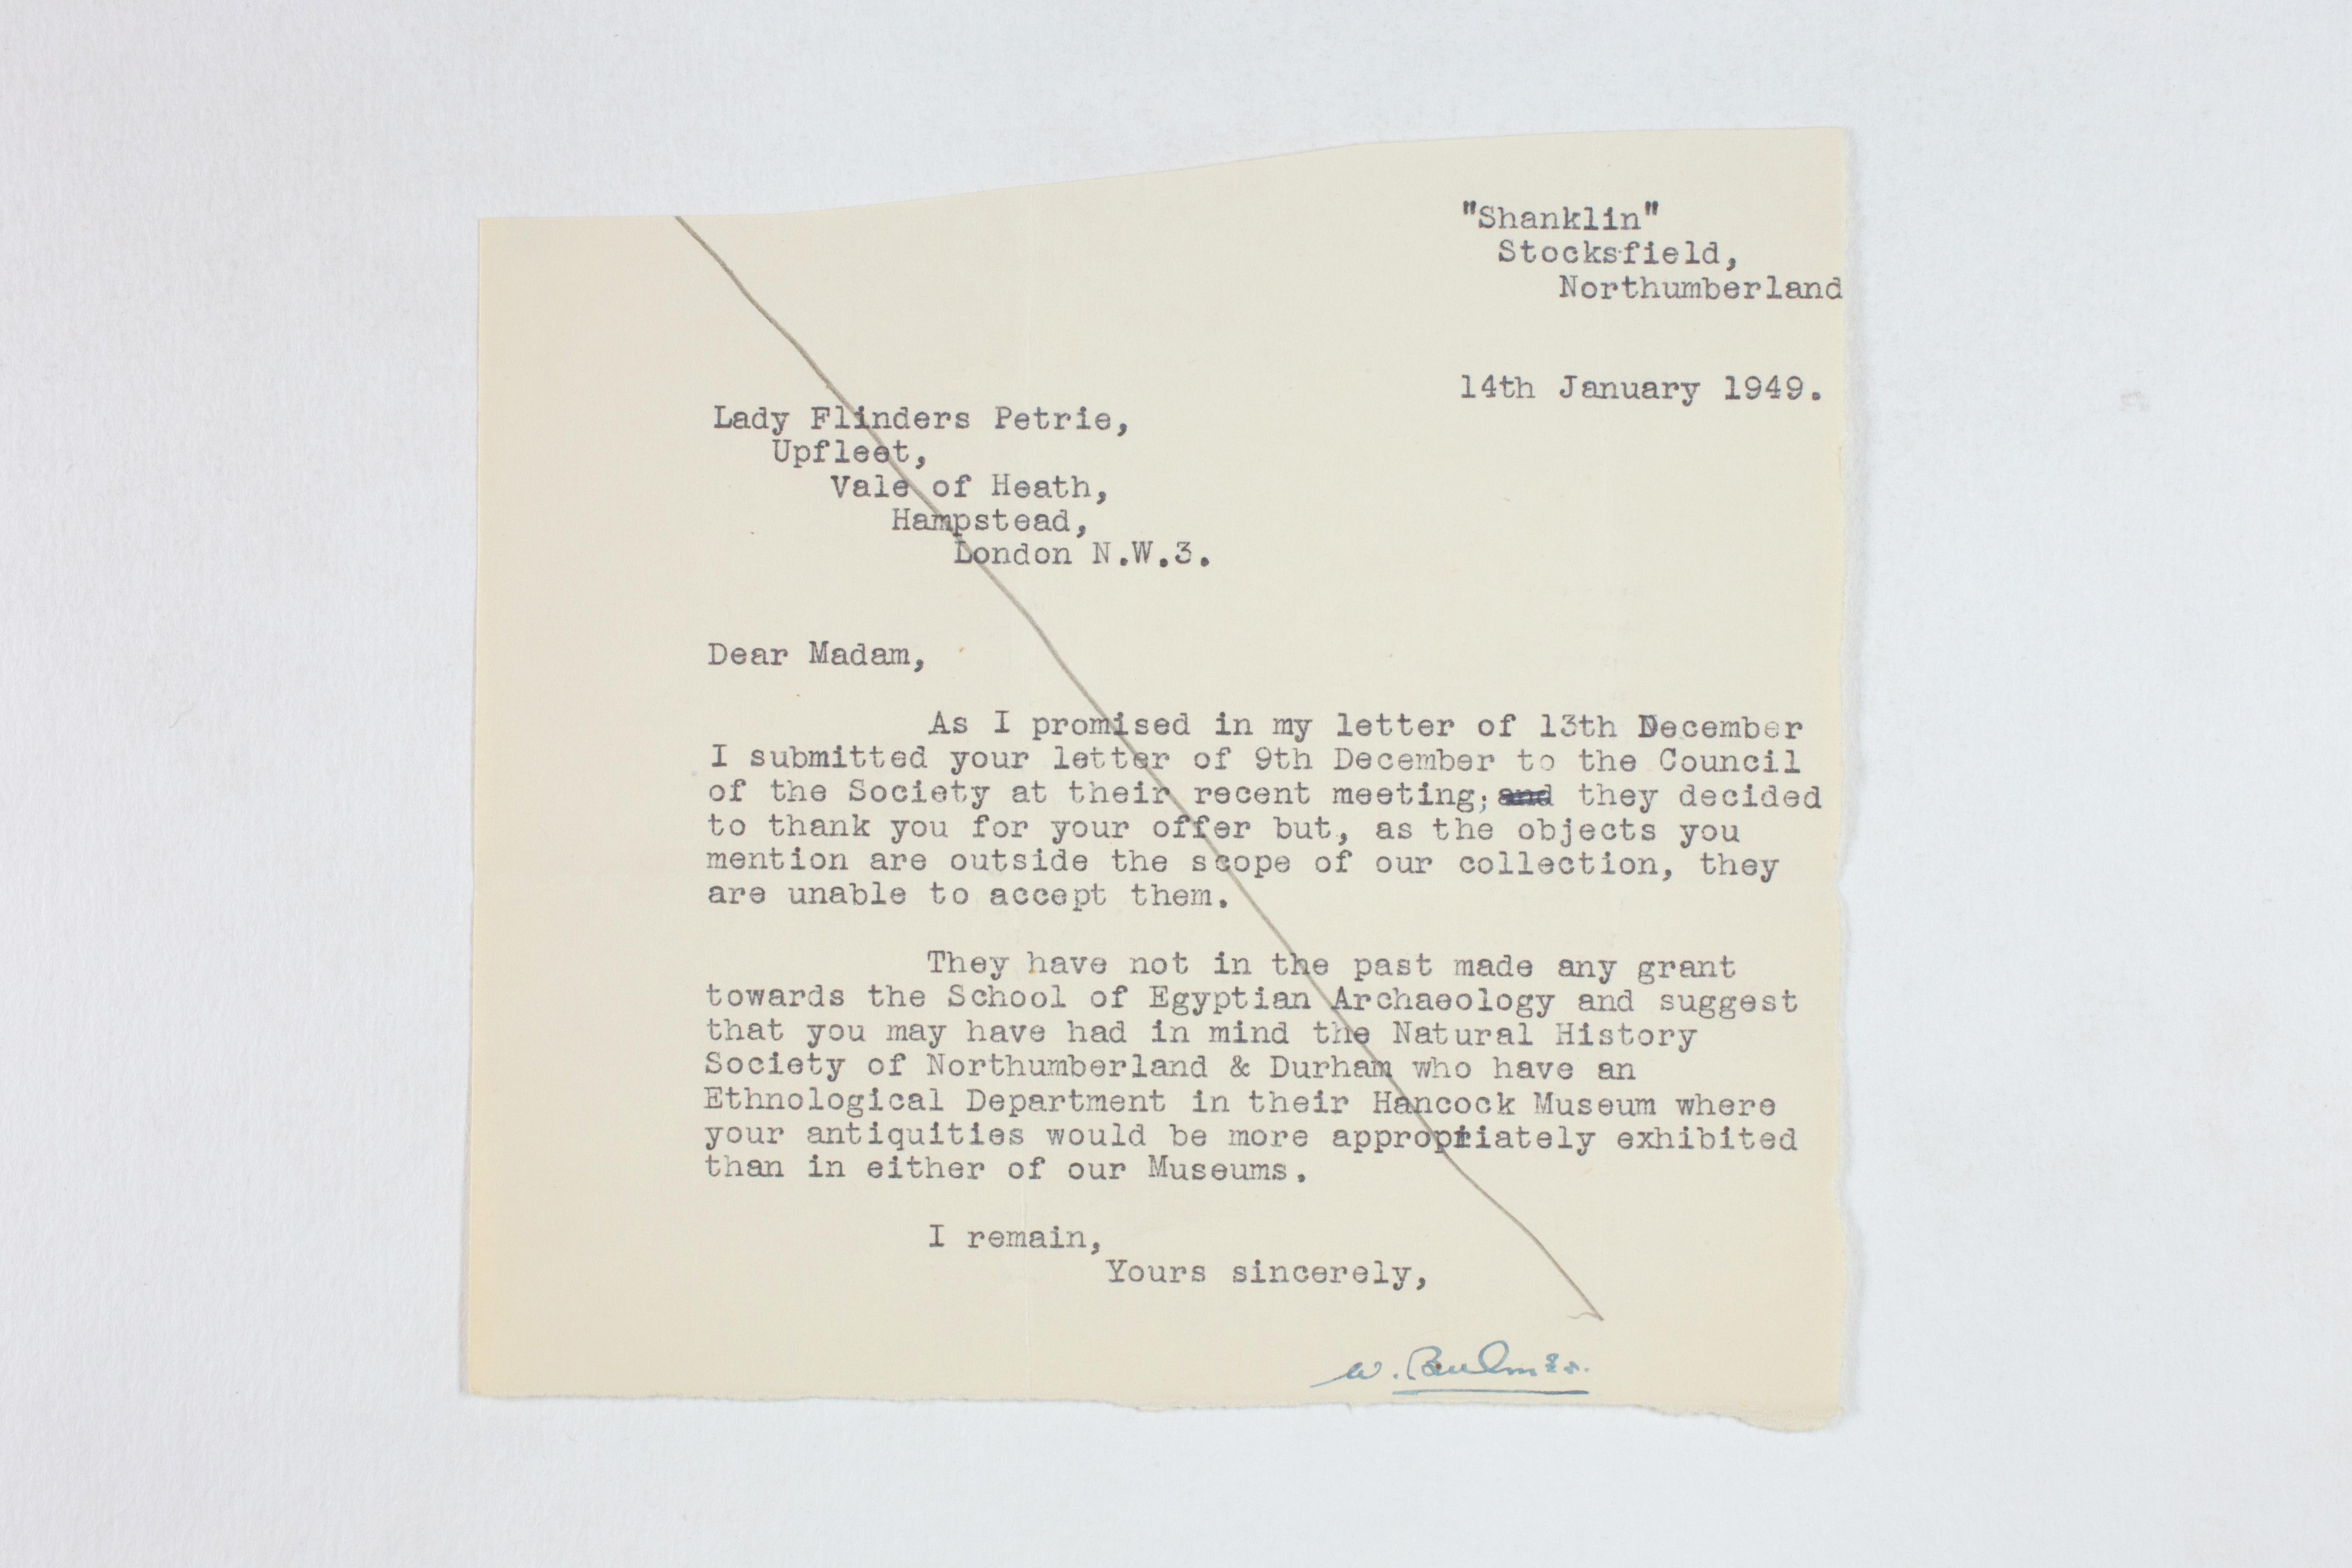 1931-50 Reserve correspondence Correspondence PMA/WFP1/D/32/16